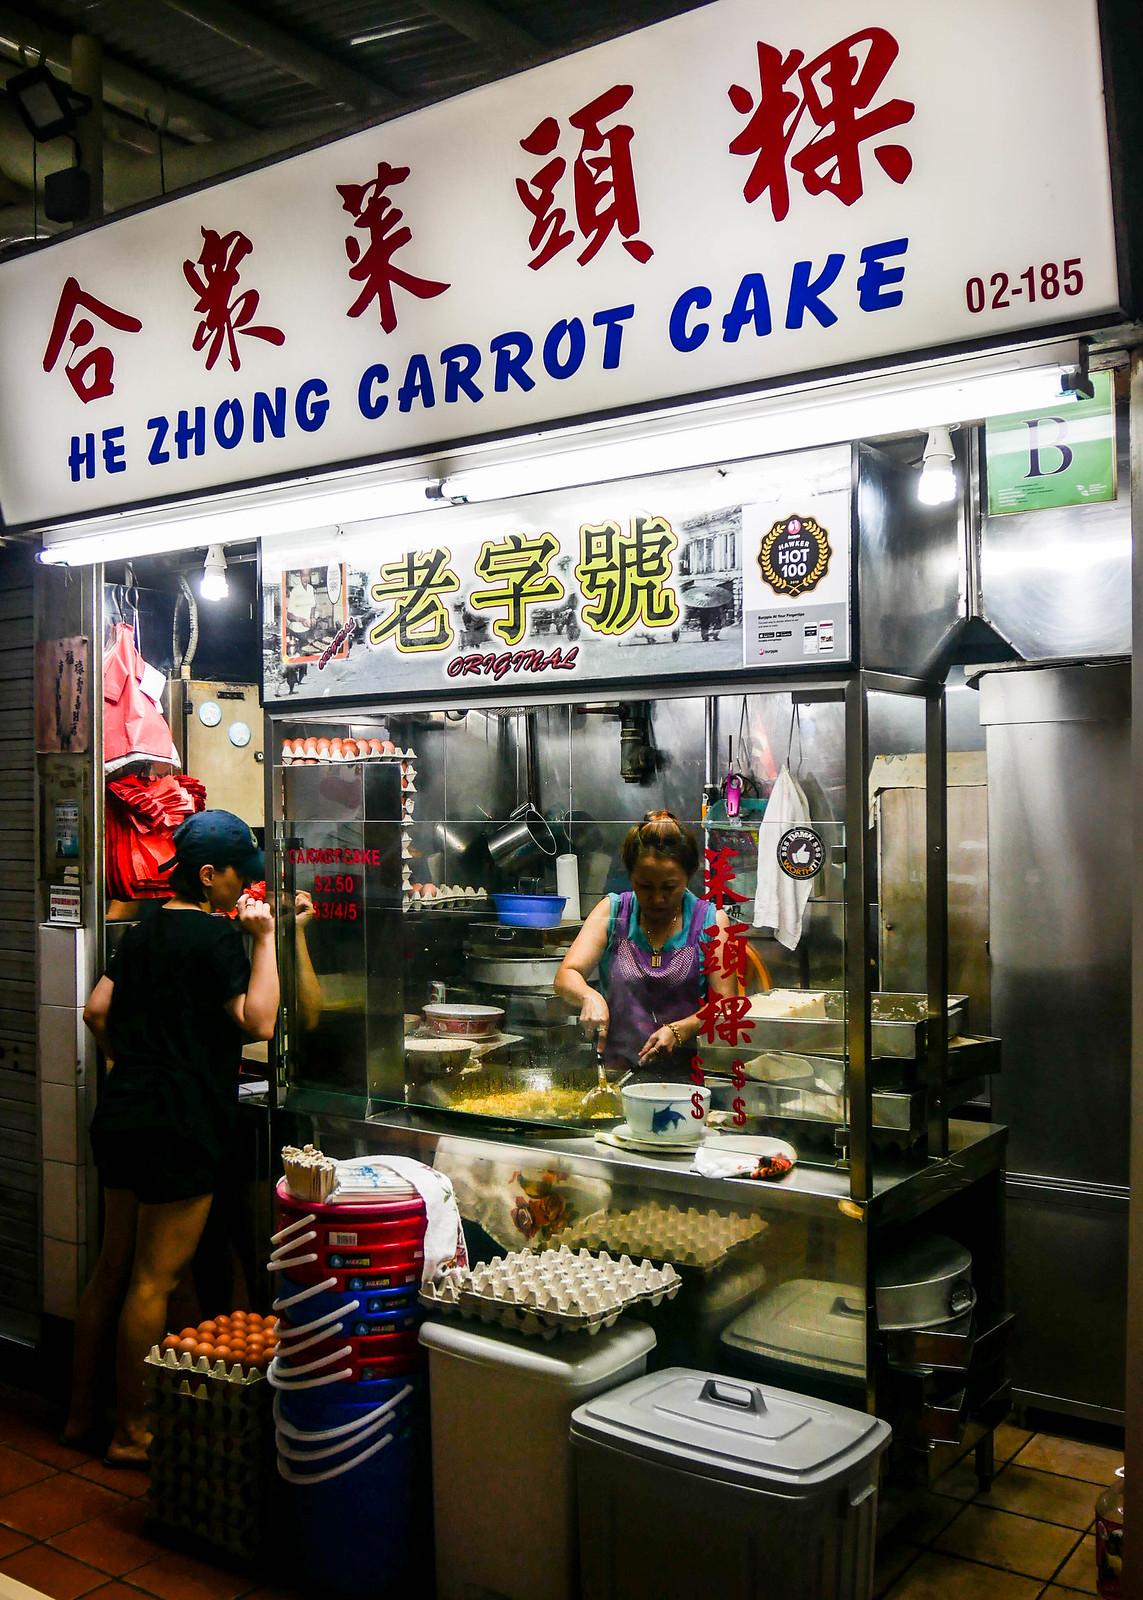 he zhong carrot cake-5